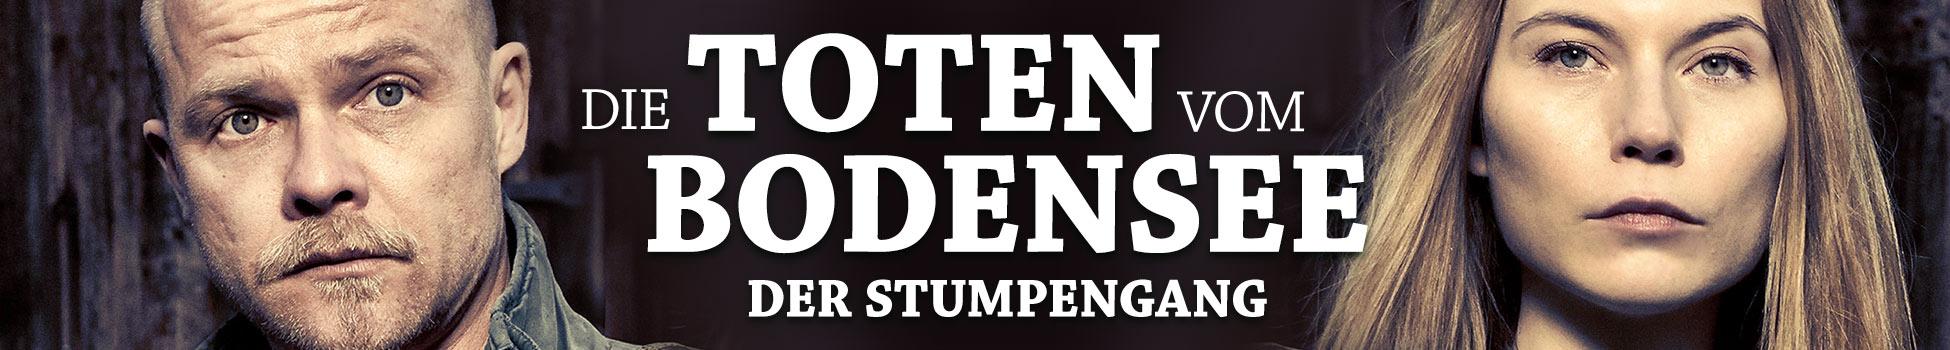 Die Toten vom Bodensee: Der Stumpengang - Artwork - Key Visual - Header